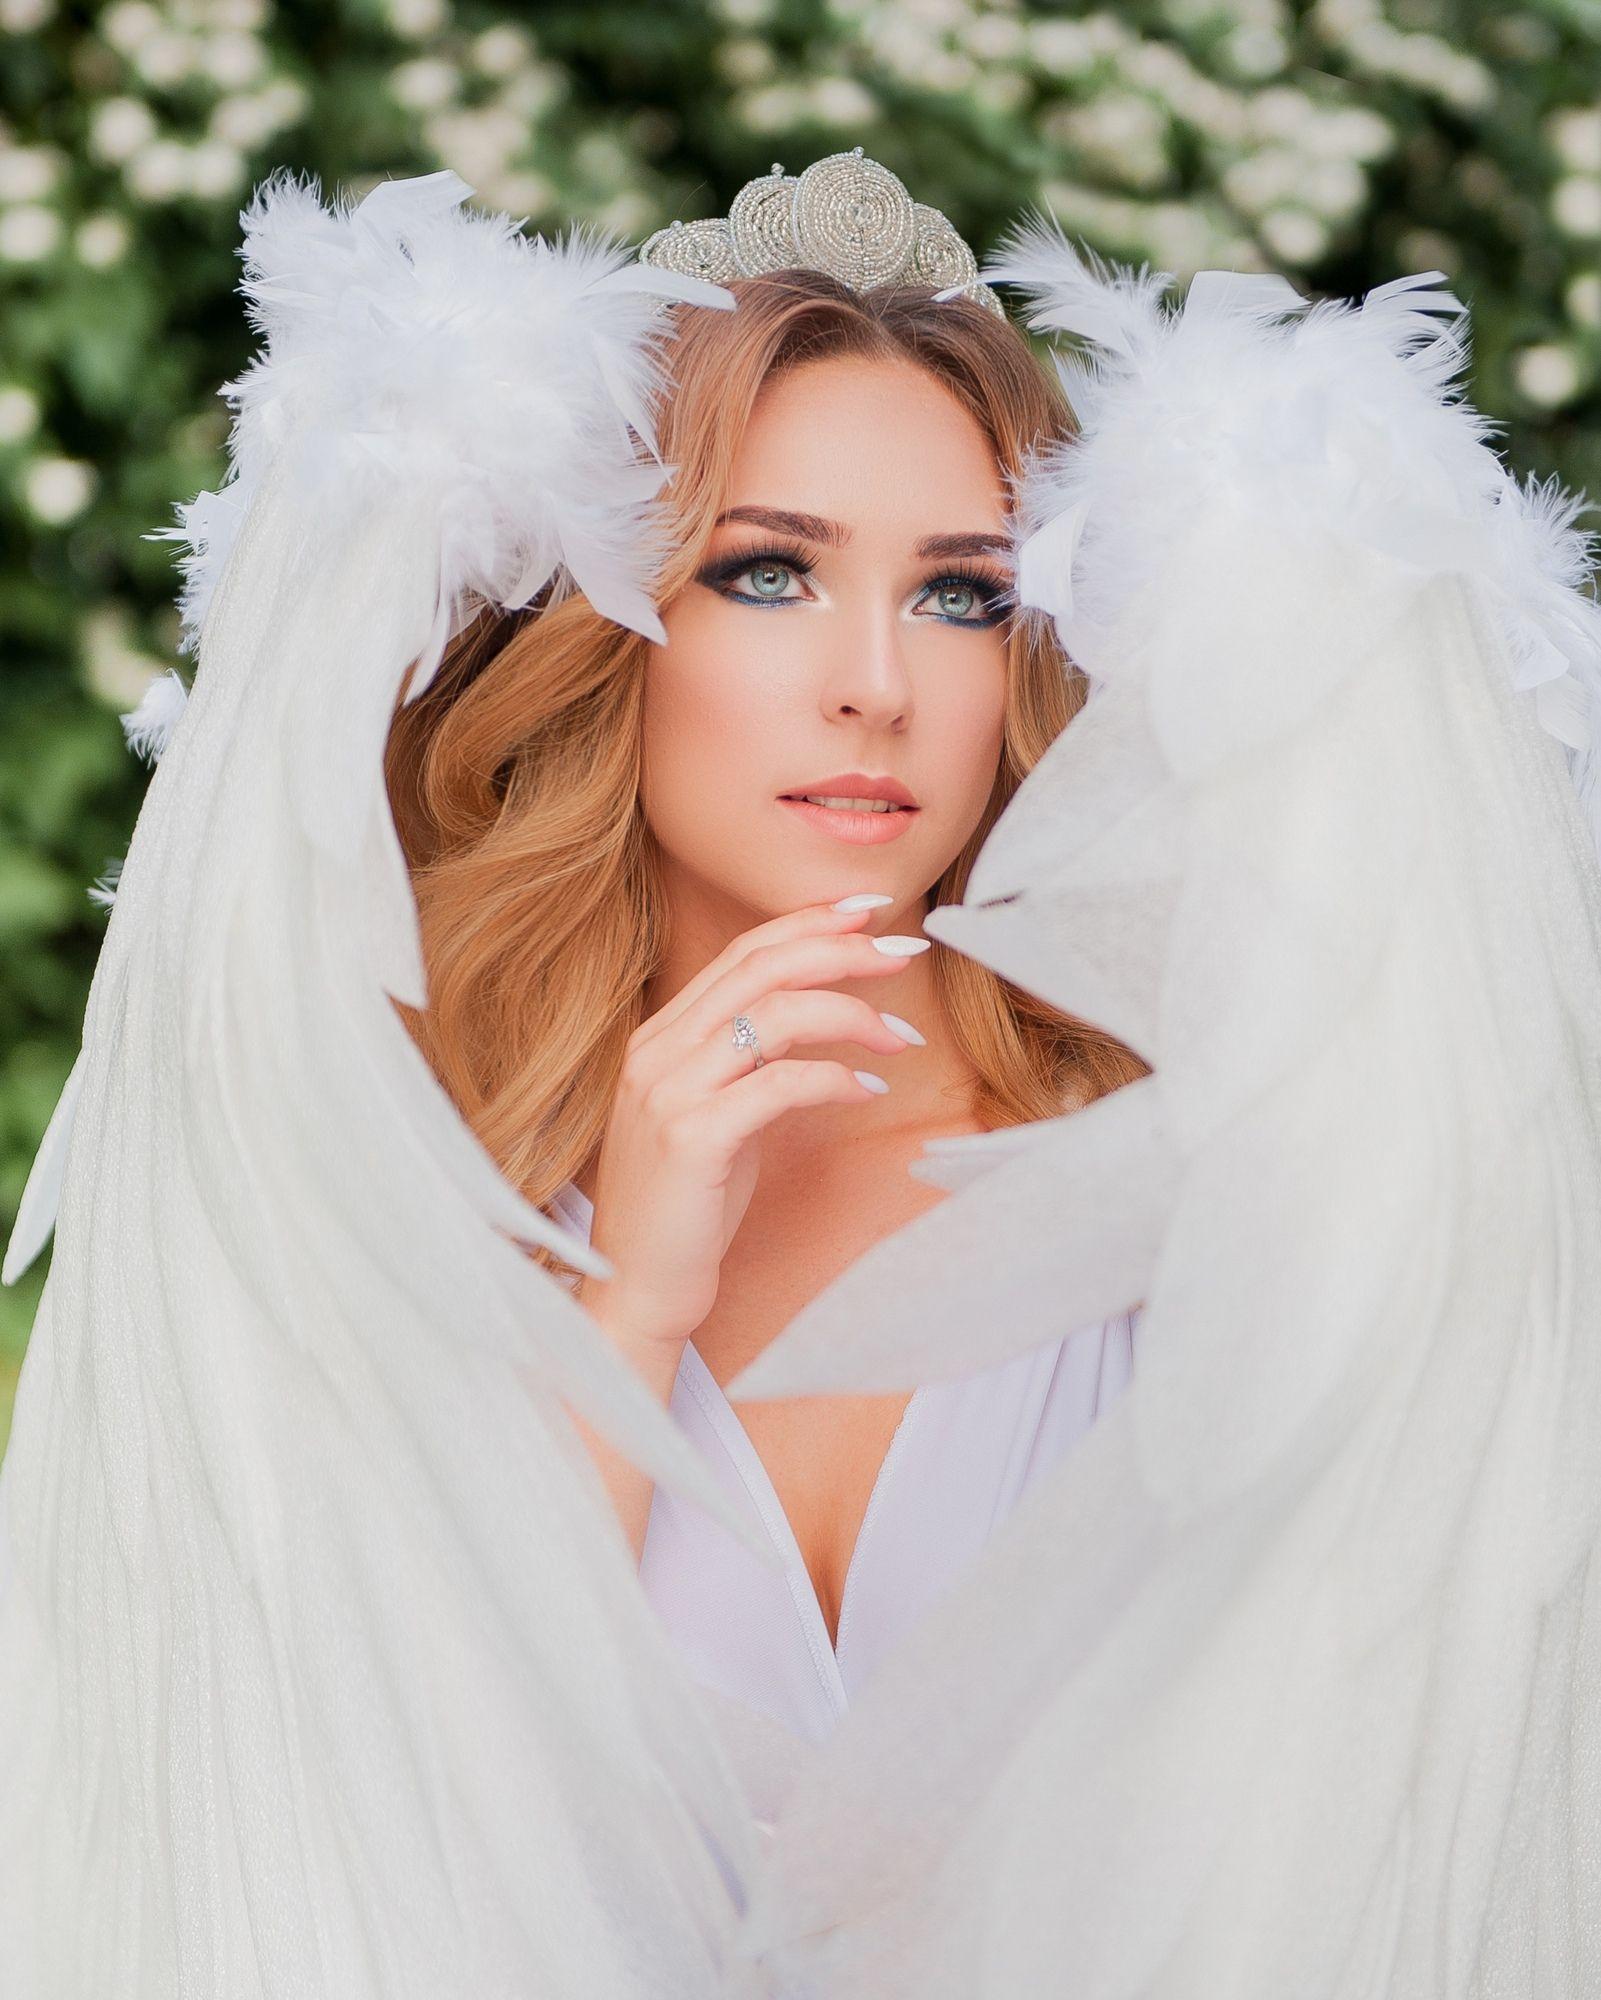 """俄罗斯电影花100万定制""""维密""""天使女孩,要与超模""""大kklol翅膀电影中天堂如何下载图片"""